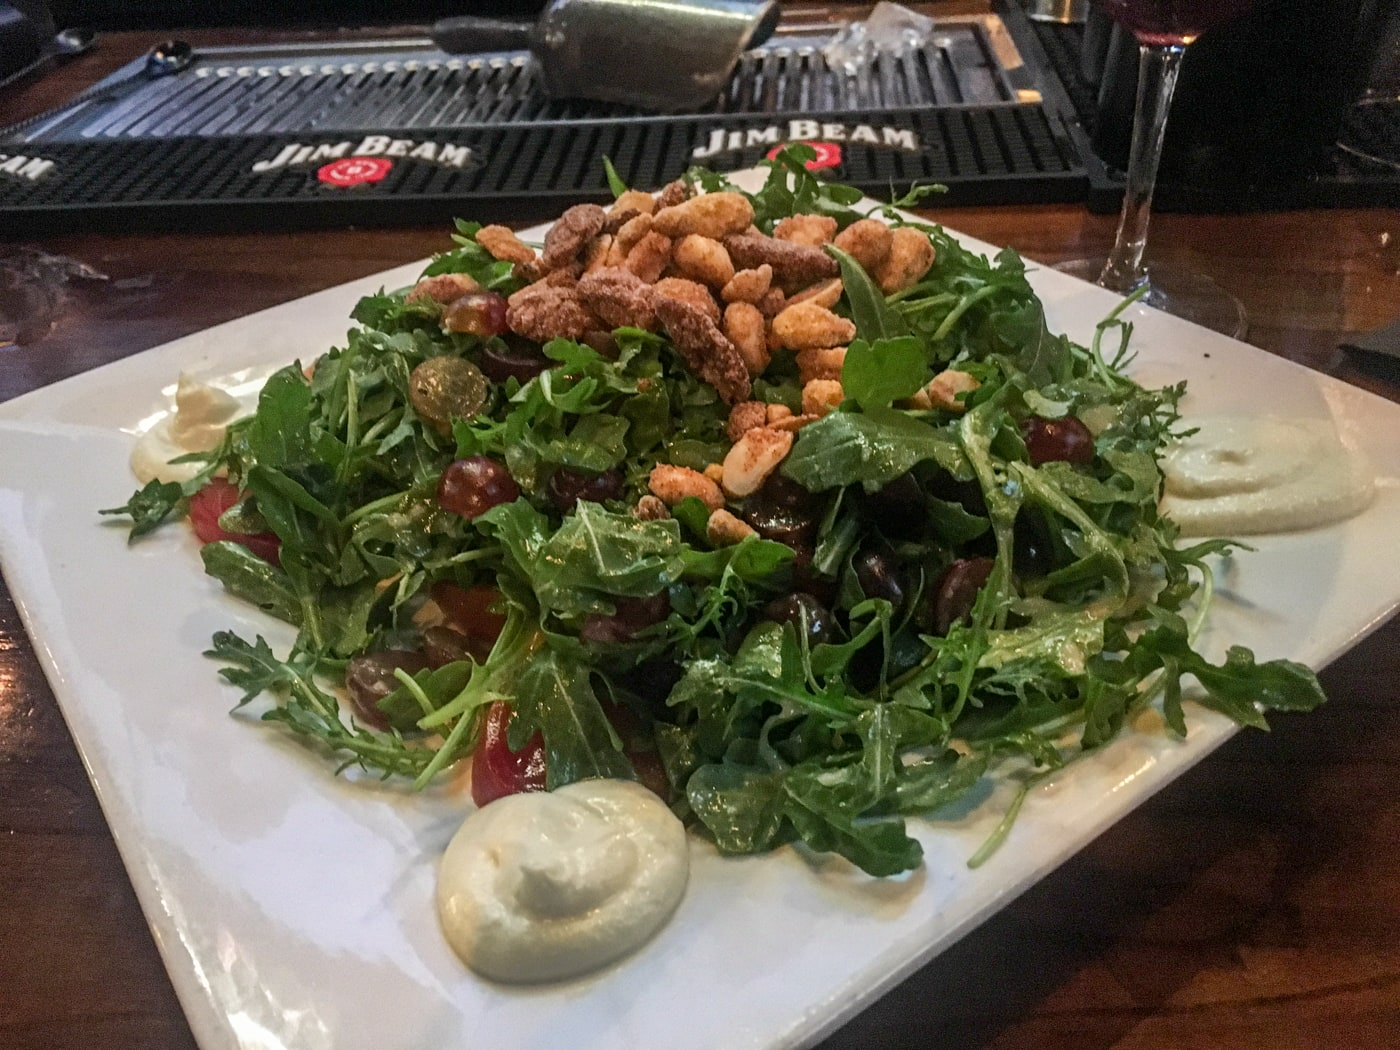 A salad.